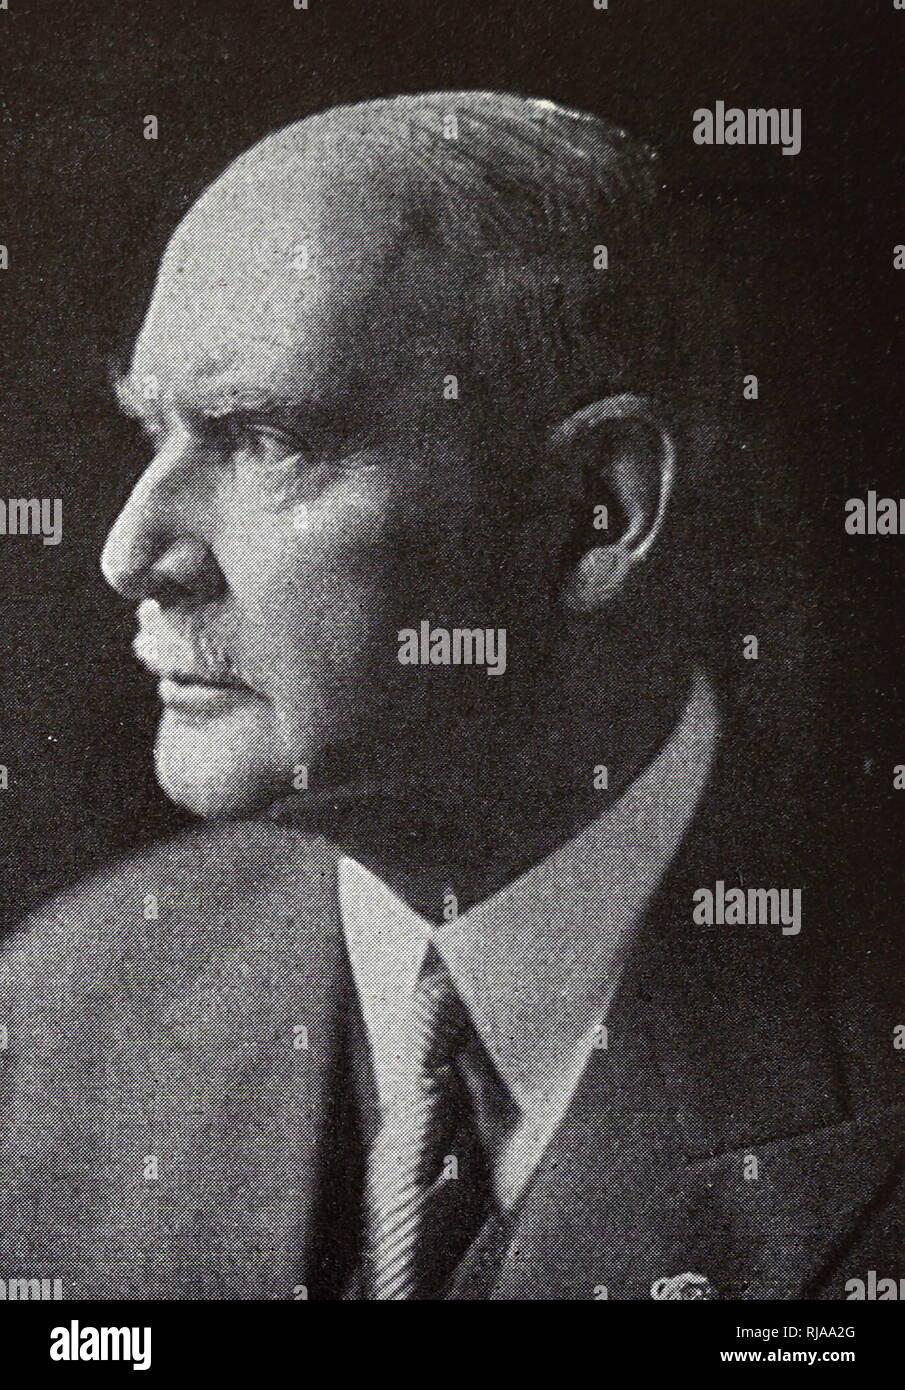 Fotografía del Dr. Theodor Lewald (1860 - 1947) fue un funcionario del Reich alemán y un ejecutivo del Comité Olímpico Internacional. Él era el presidente del comité organizador de los Juegos Olímpicos 1936 Juegos Olímpicos de Verano en Berlín. Del siglo XX. Foto de stock